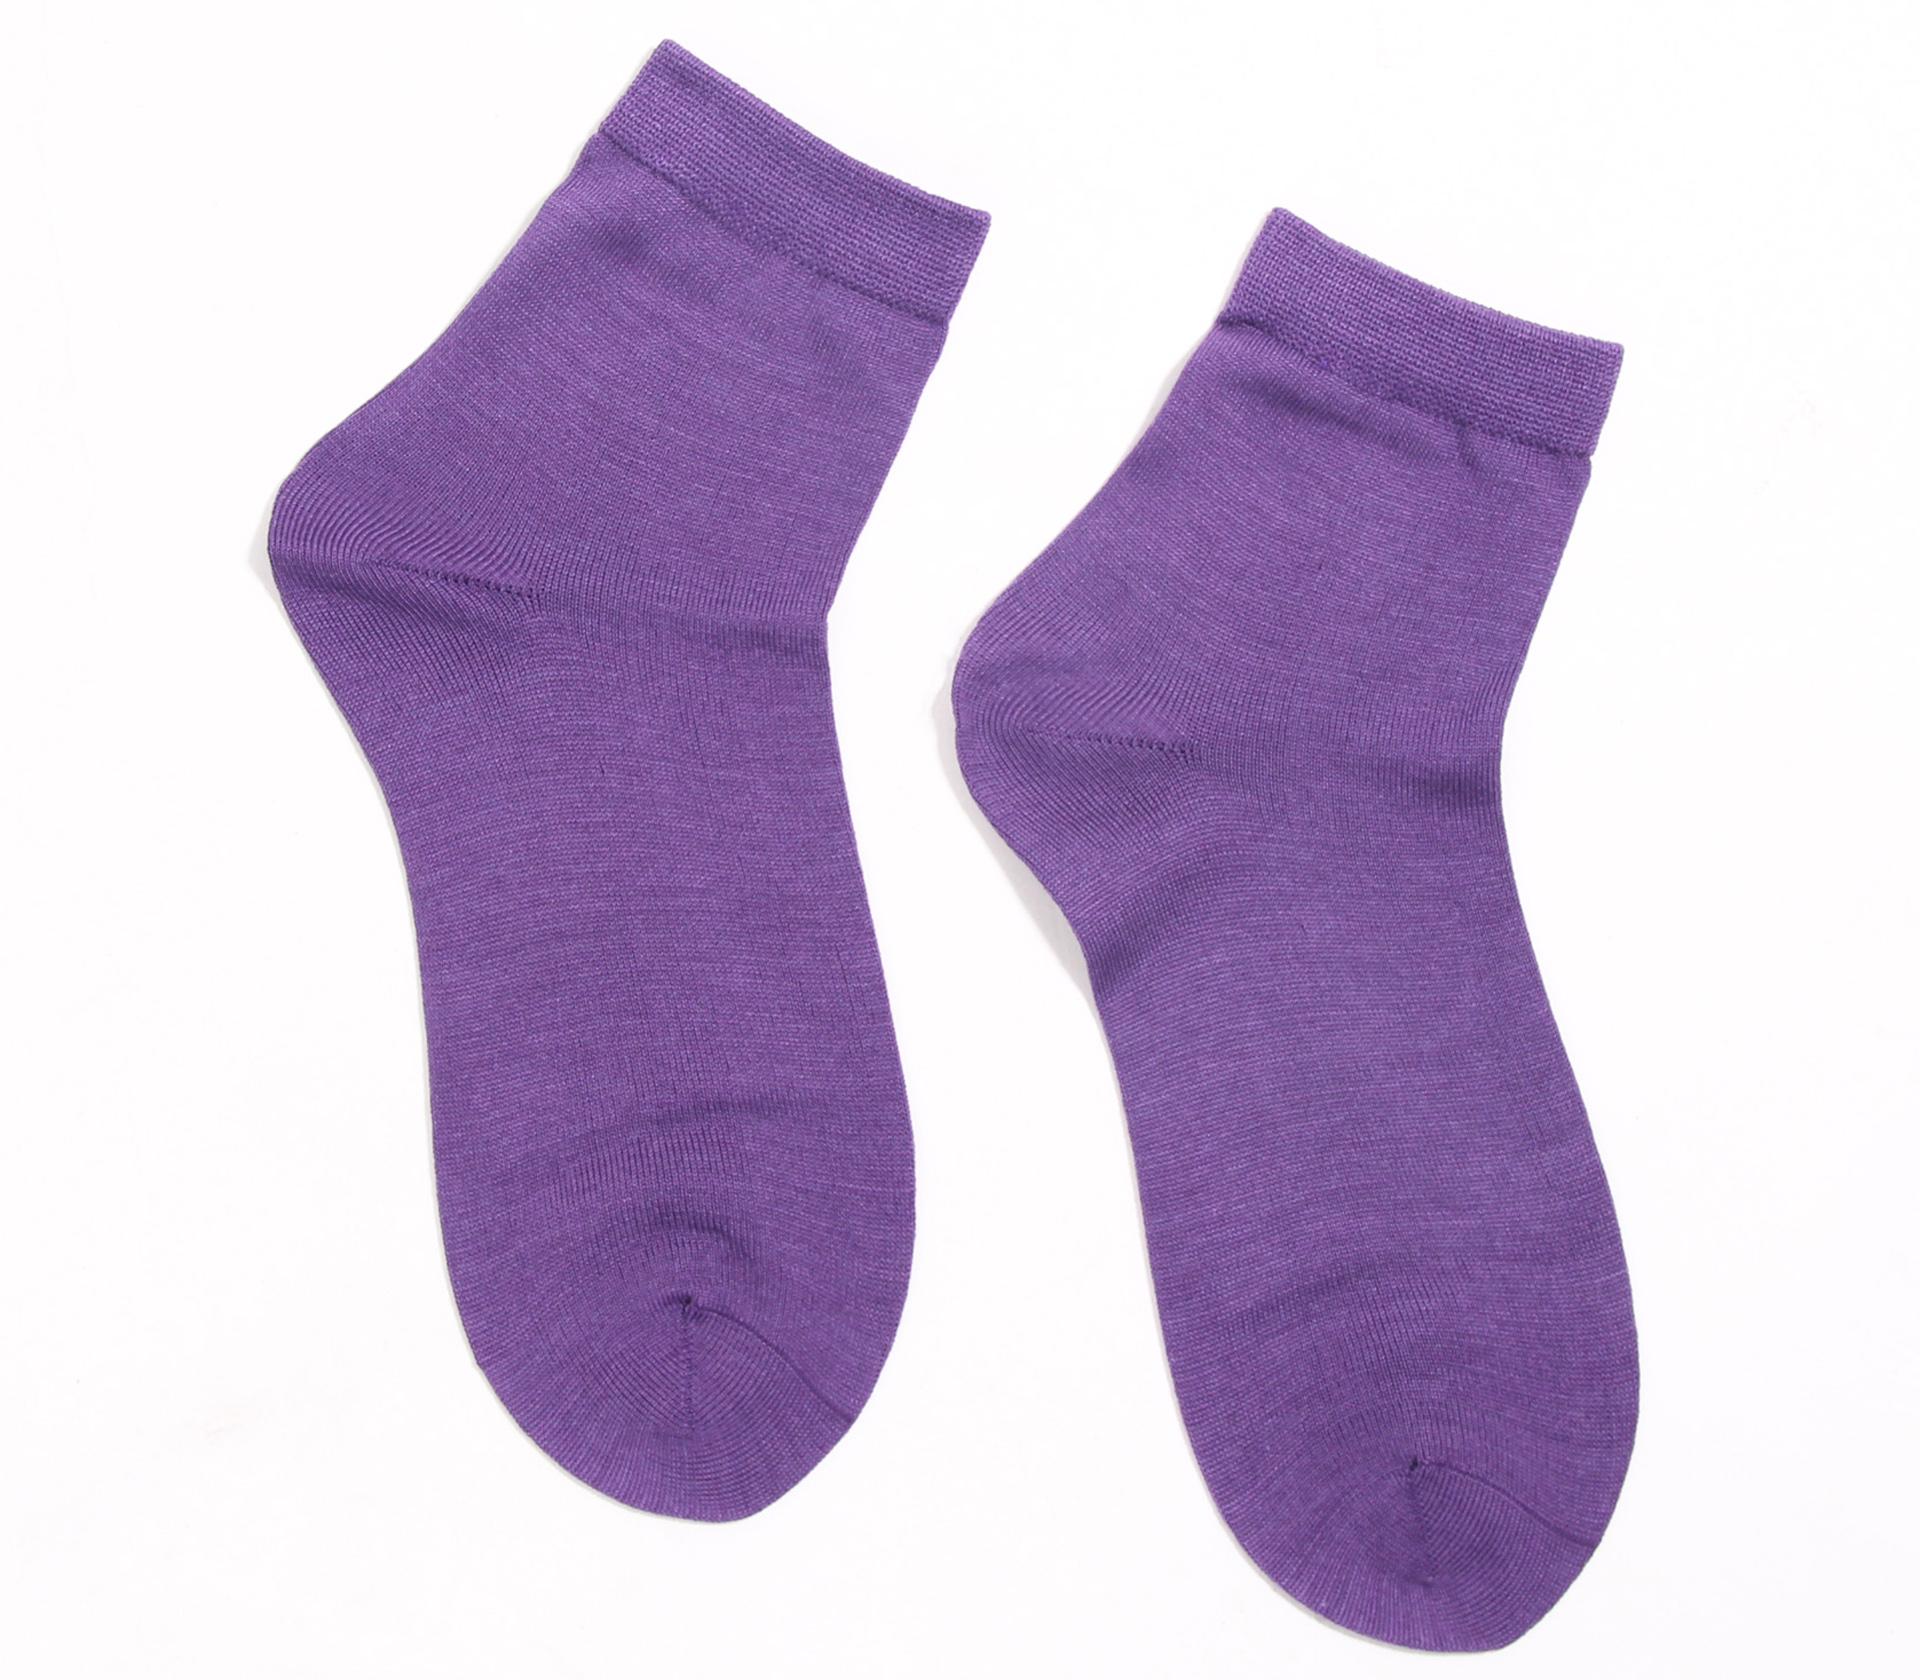 闕蘭絹舒適自在彈性蠶絲襪(淺紫)(22-24CM)